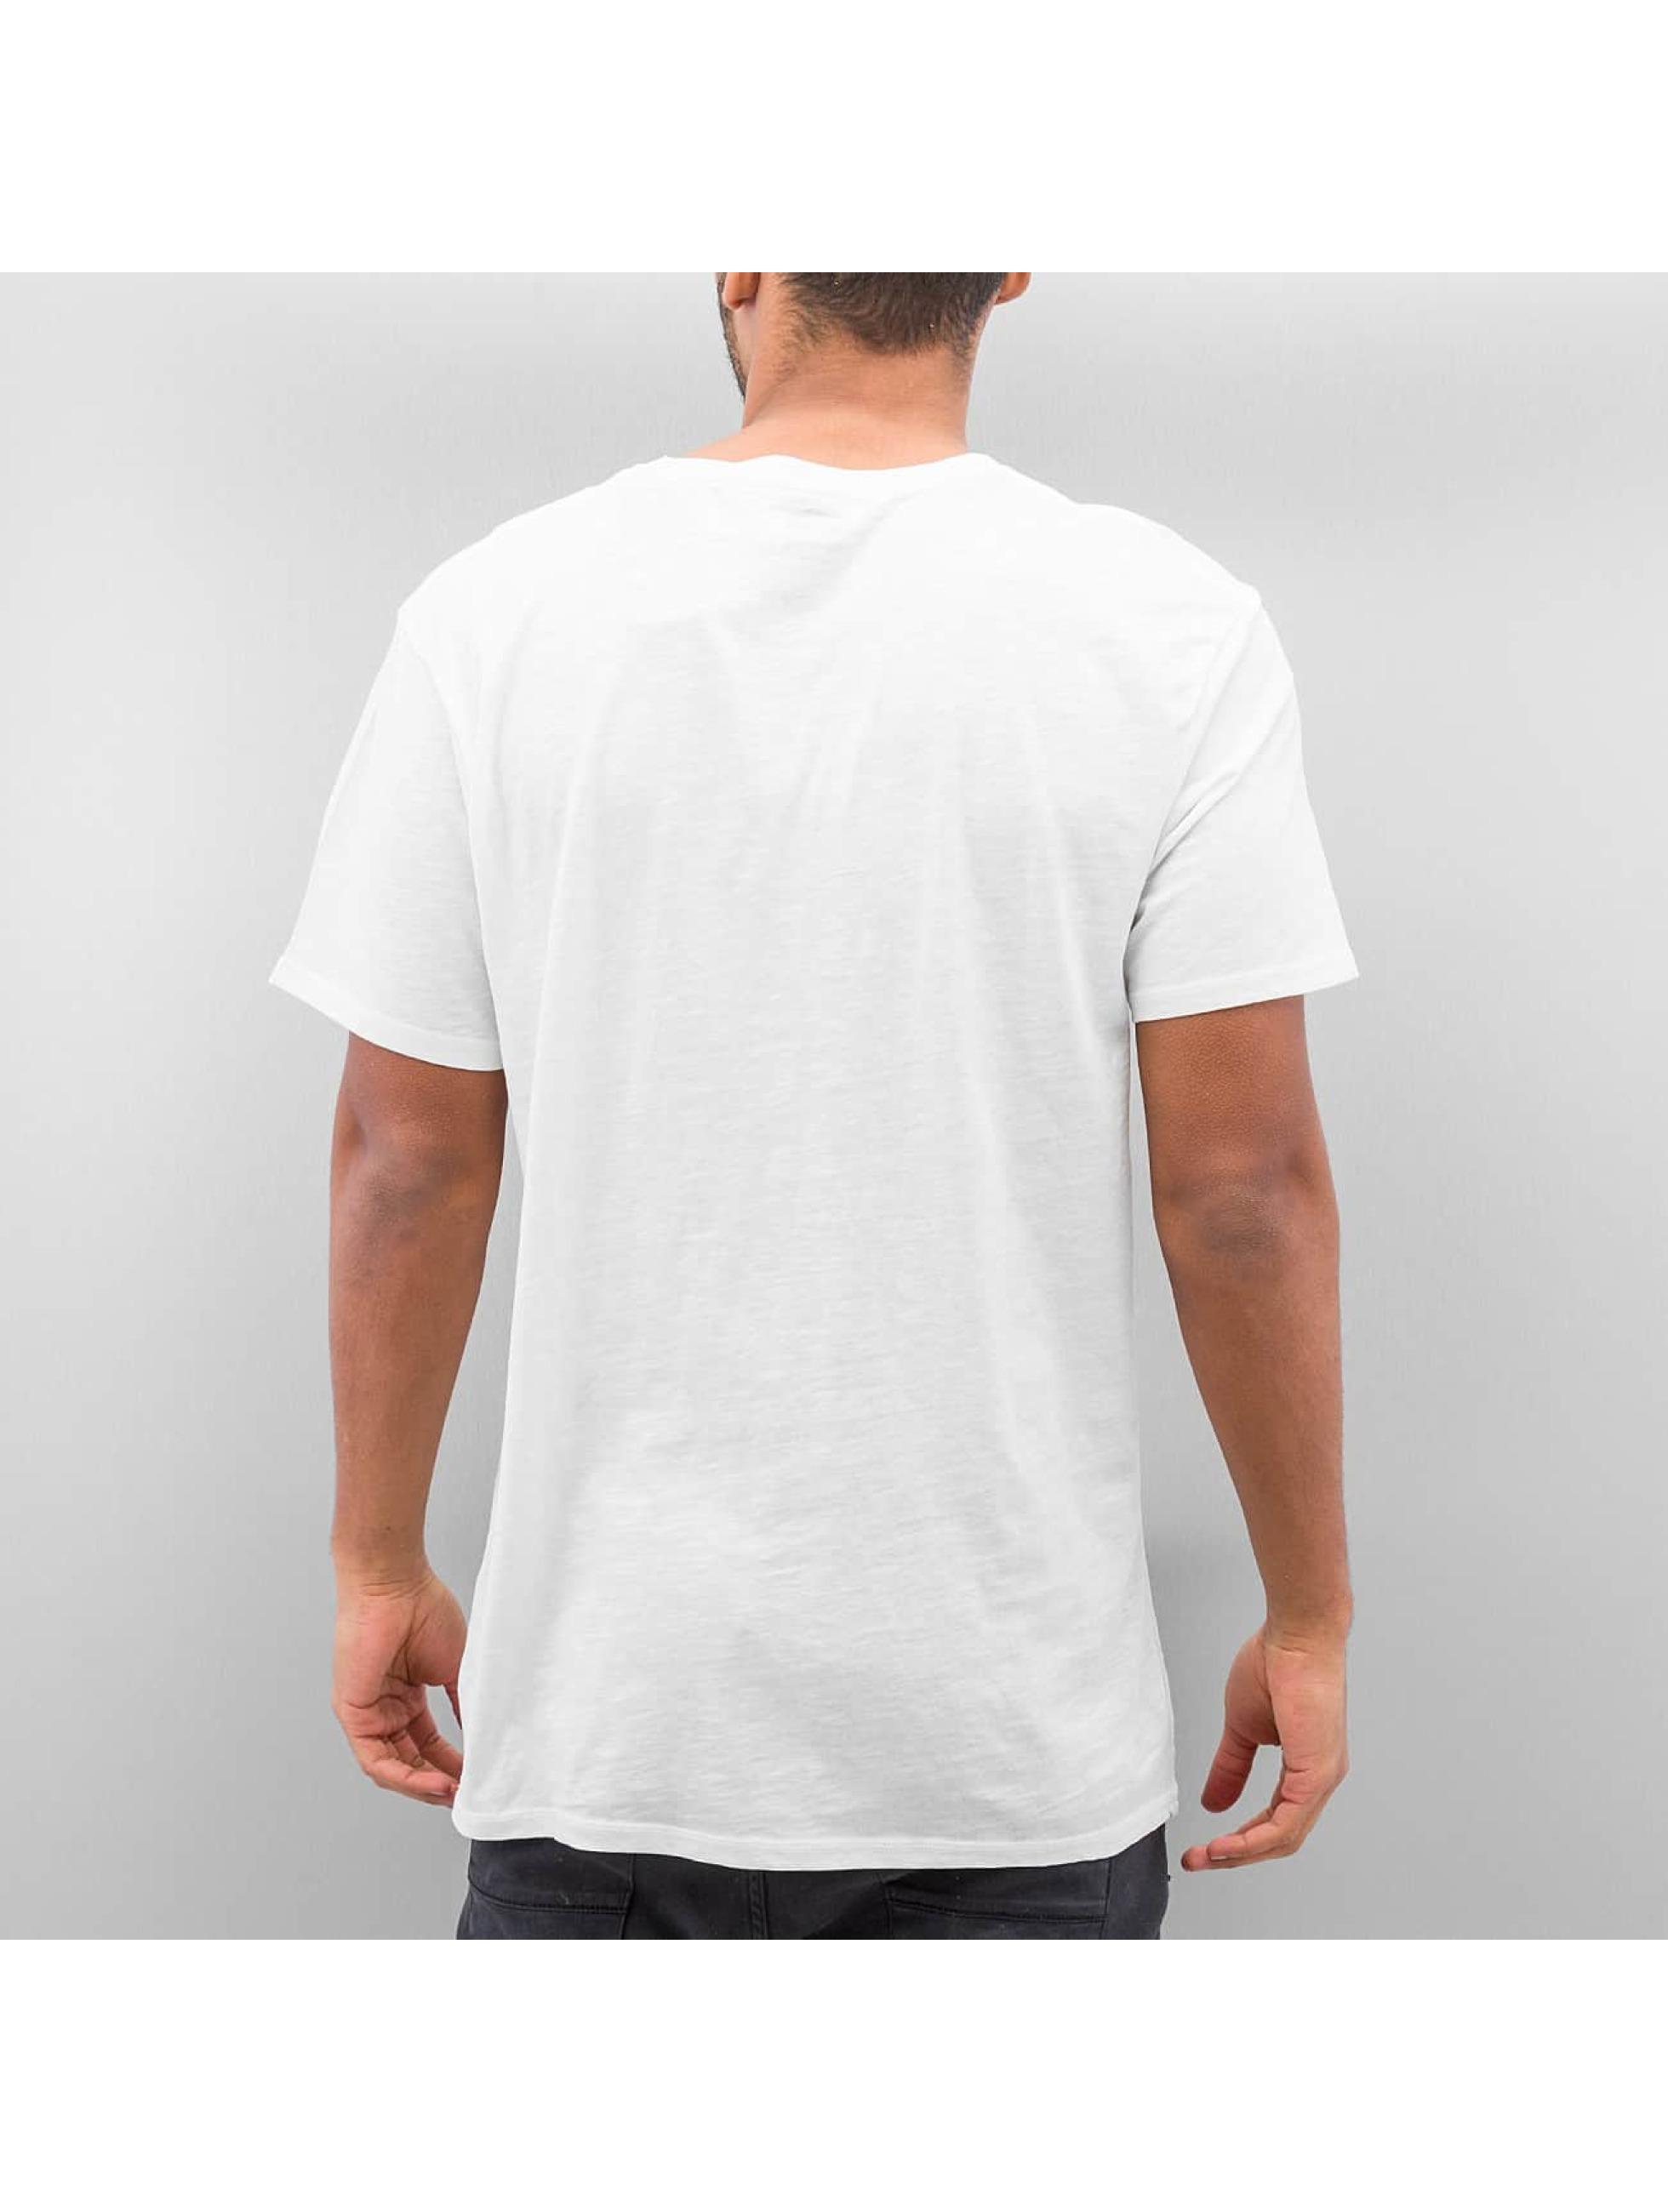 Quiksilver T-Shirt Slub Split Screen weiß